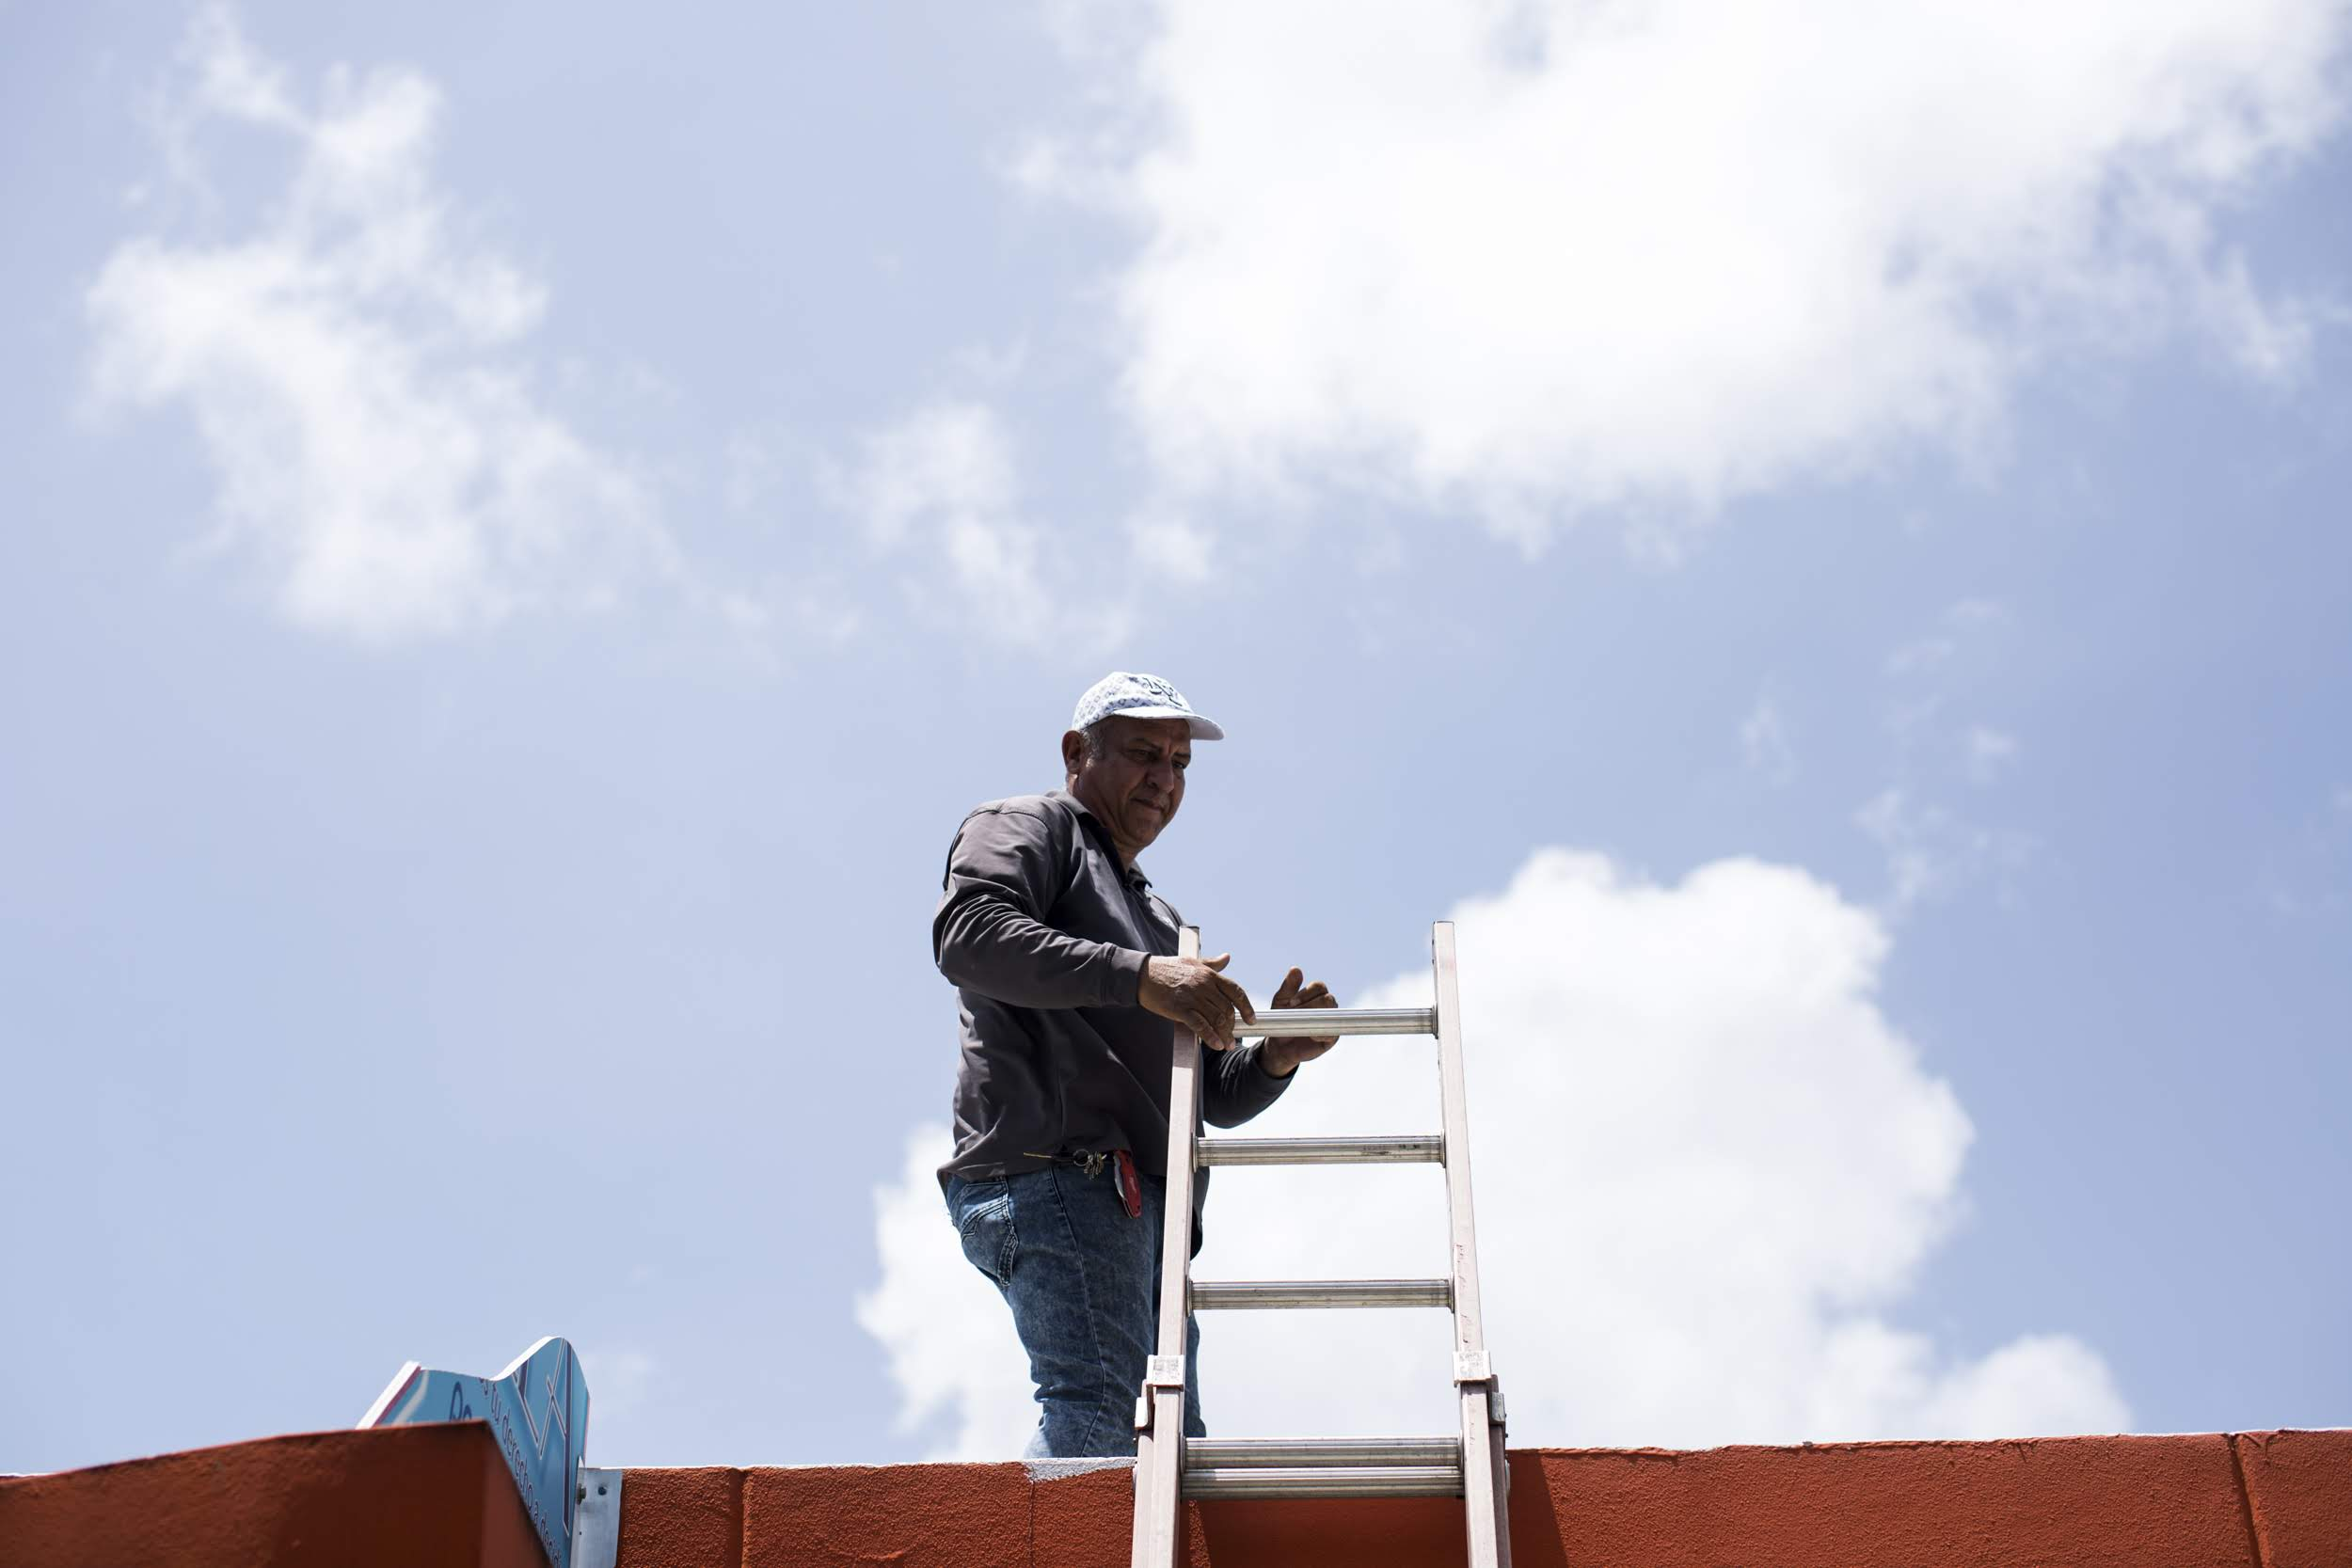 Noel Torres instala un sistema de energía solar en el techo de la Clínica Iella, en San Juan. Torres trabajó durante meses en la instalación de paneles solares en edificios de toda la isla después del paso del huracán María mientras no tenía electricidad en su propia casa. (Erika P. Rodríguez, Direct Relief)